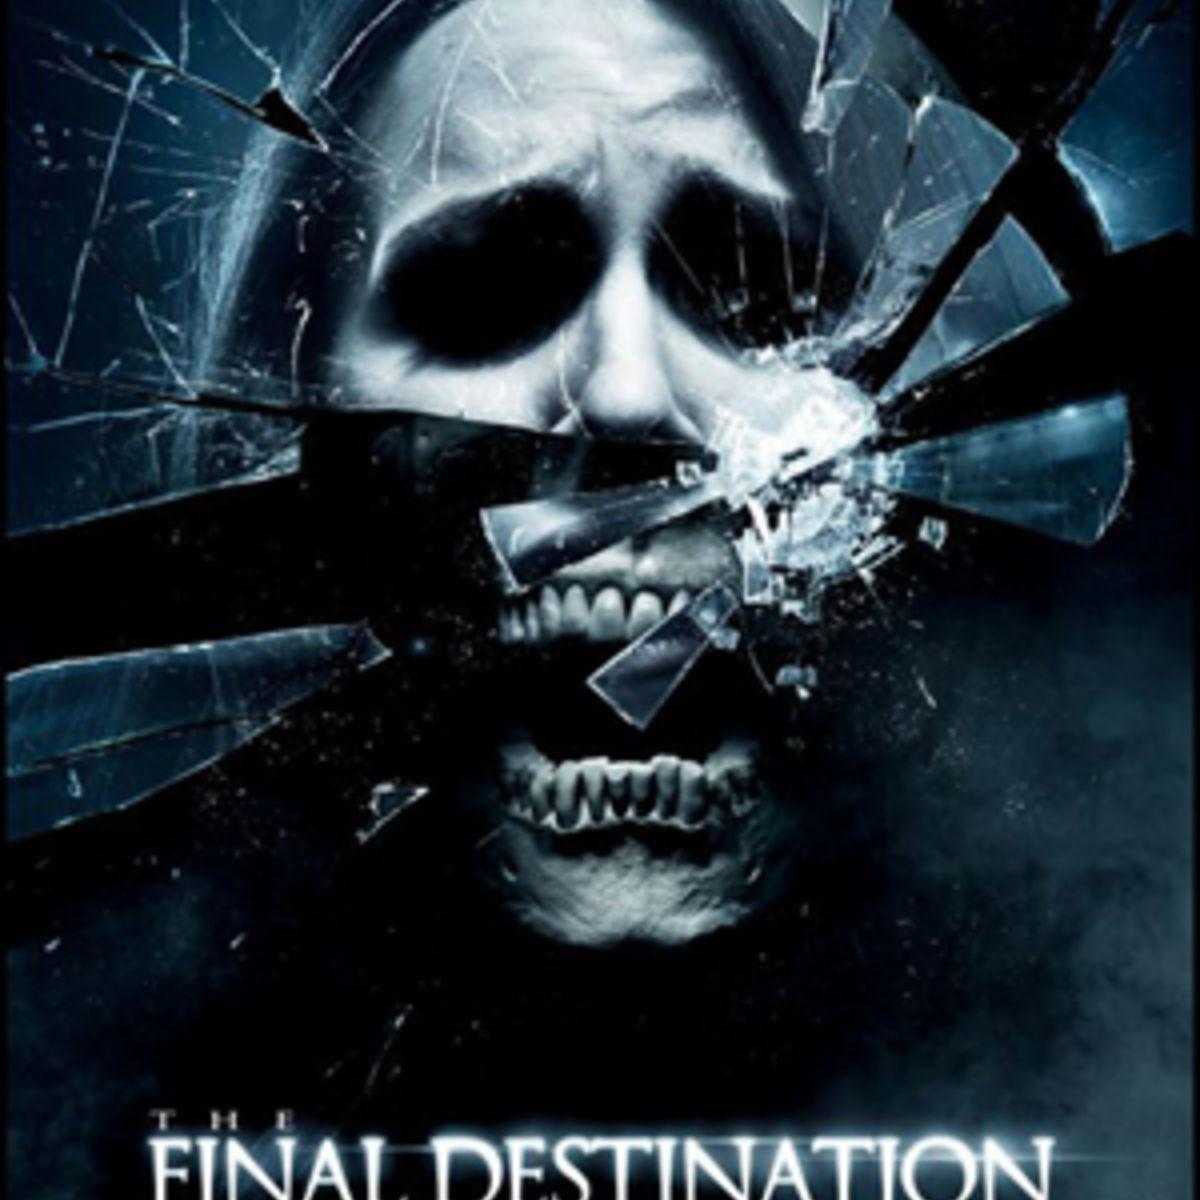 FinalDestinationReview1.jpg